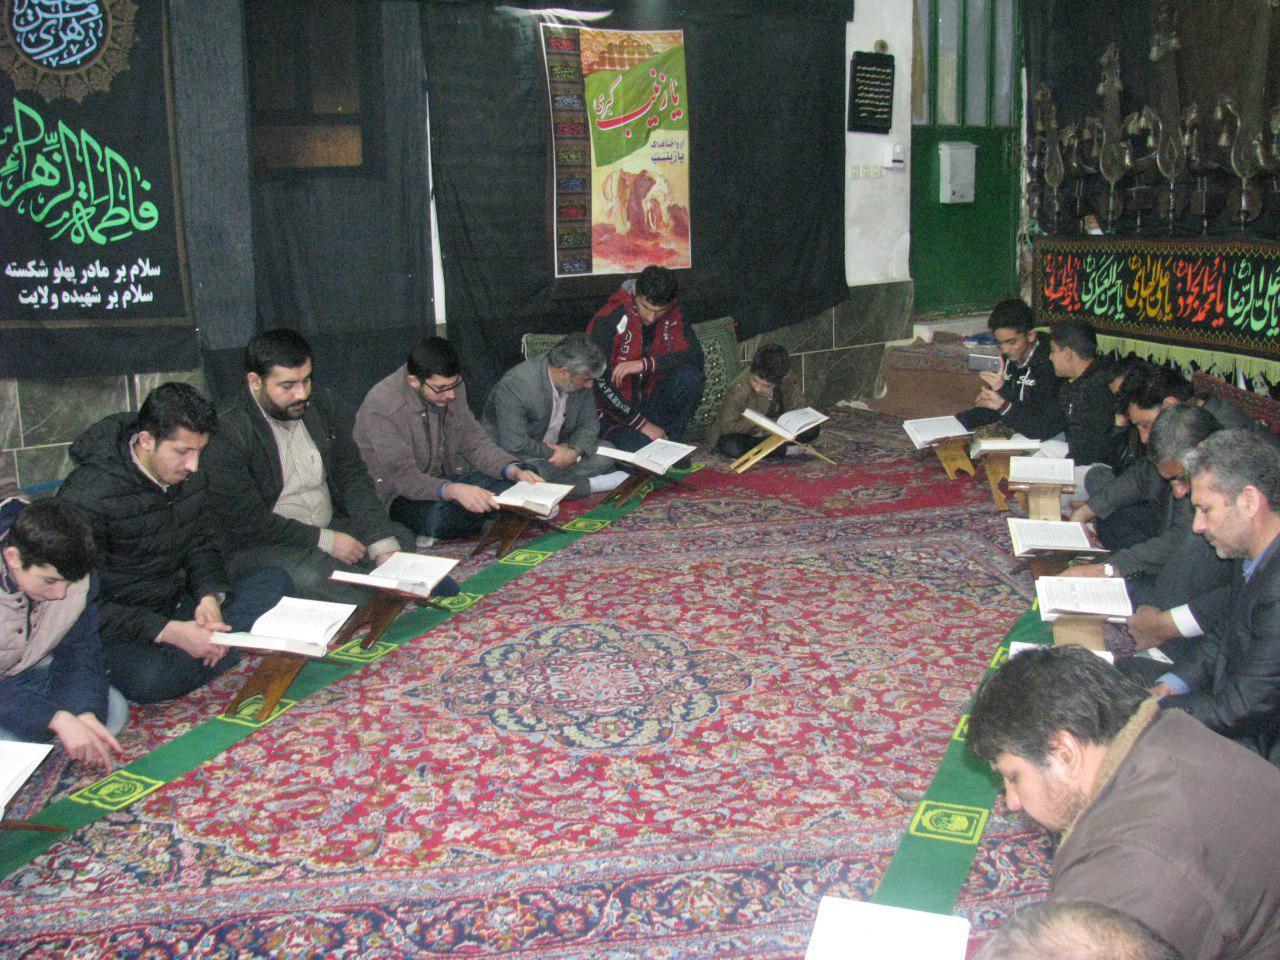 تصاویری از مراسم محفل قرآنی مجمع حافظان و قاریان مهدیشهر در مسجد بین الحرمین شهر درجزین